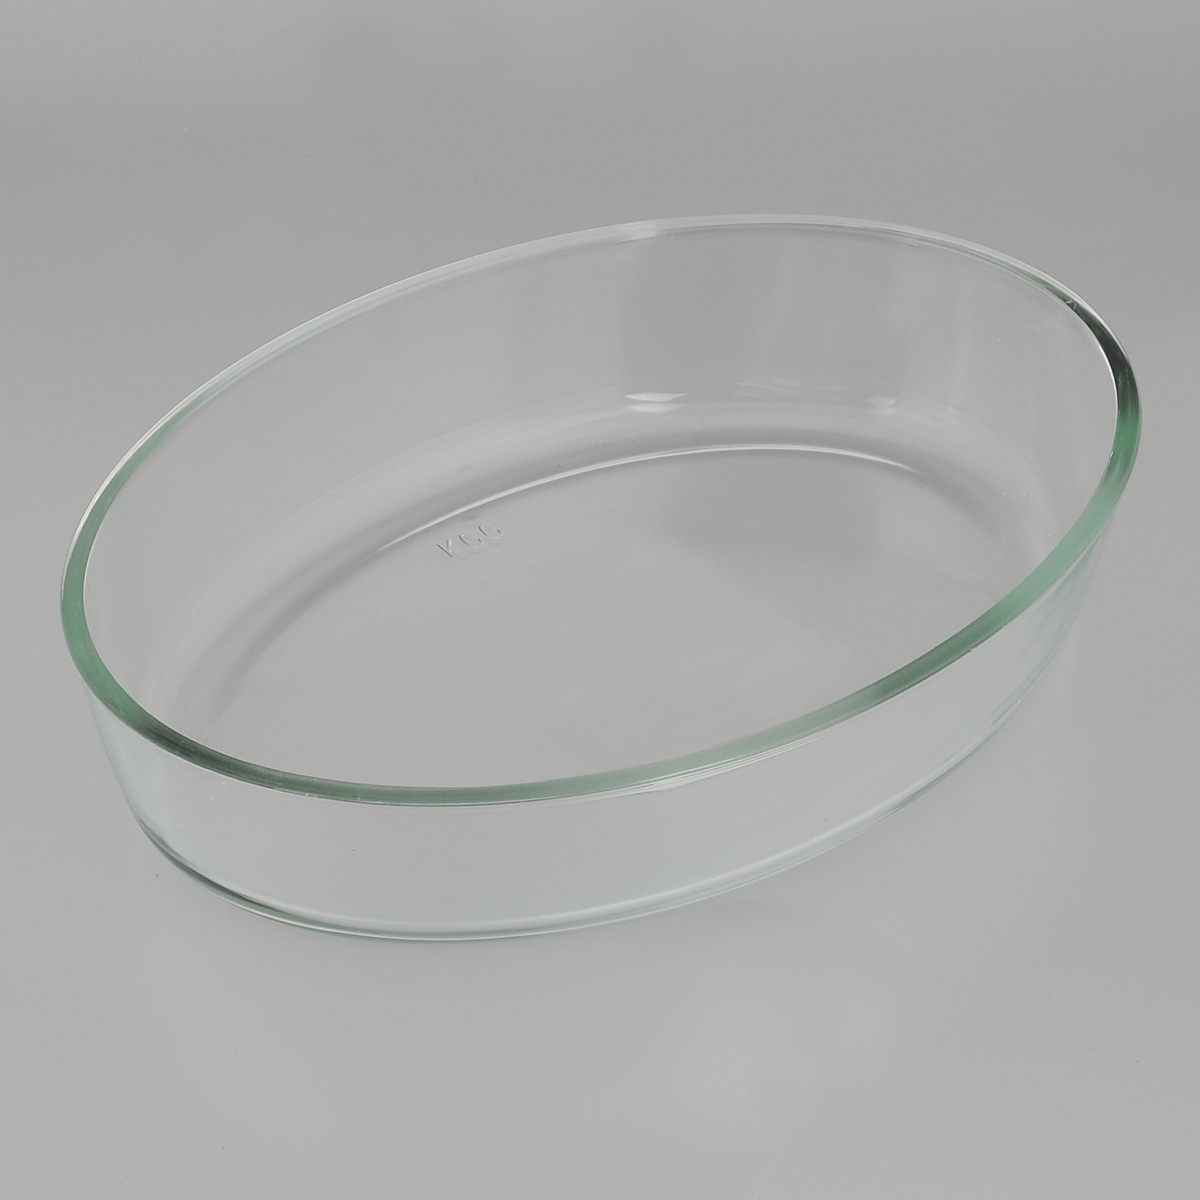 Форма для запекания Едим Дома, овальная, 26 см х 18 смPV12Овальная форма для запекания Едим Дома изготовлена из жаропрочного стекла,которое выдерживает температуру до +450°С. Форма предназначена дляприготовления горячих блюд. Материал изделия гигиеничен, прост в уходе иобладает высокой степенью прочности.Форма идеально подходит для использования в духовках, микроволновых печах,холодильниках и морозильных камерах. Также ее можно использовать на газовыхплитах (на слабом огне) и на электроплитах. Можно мыть в посудомоечноймашине. Размер формы (по верхнему краю): 26 см х 18 см. Высота стенки формы: 6 см.